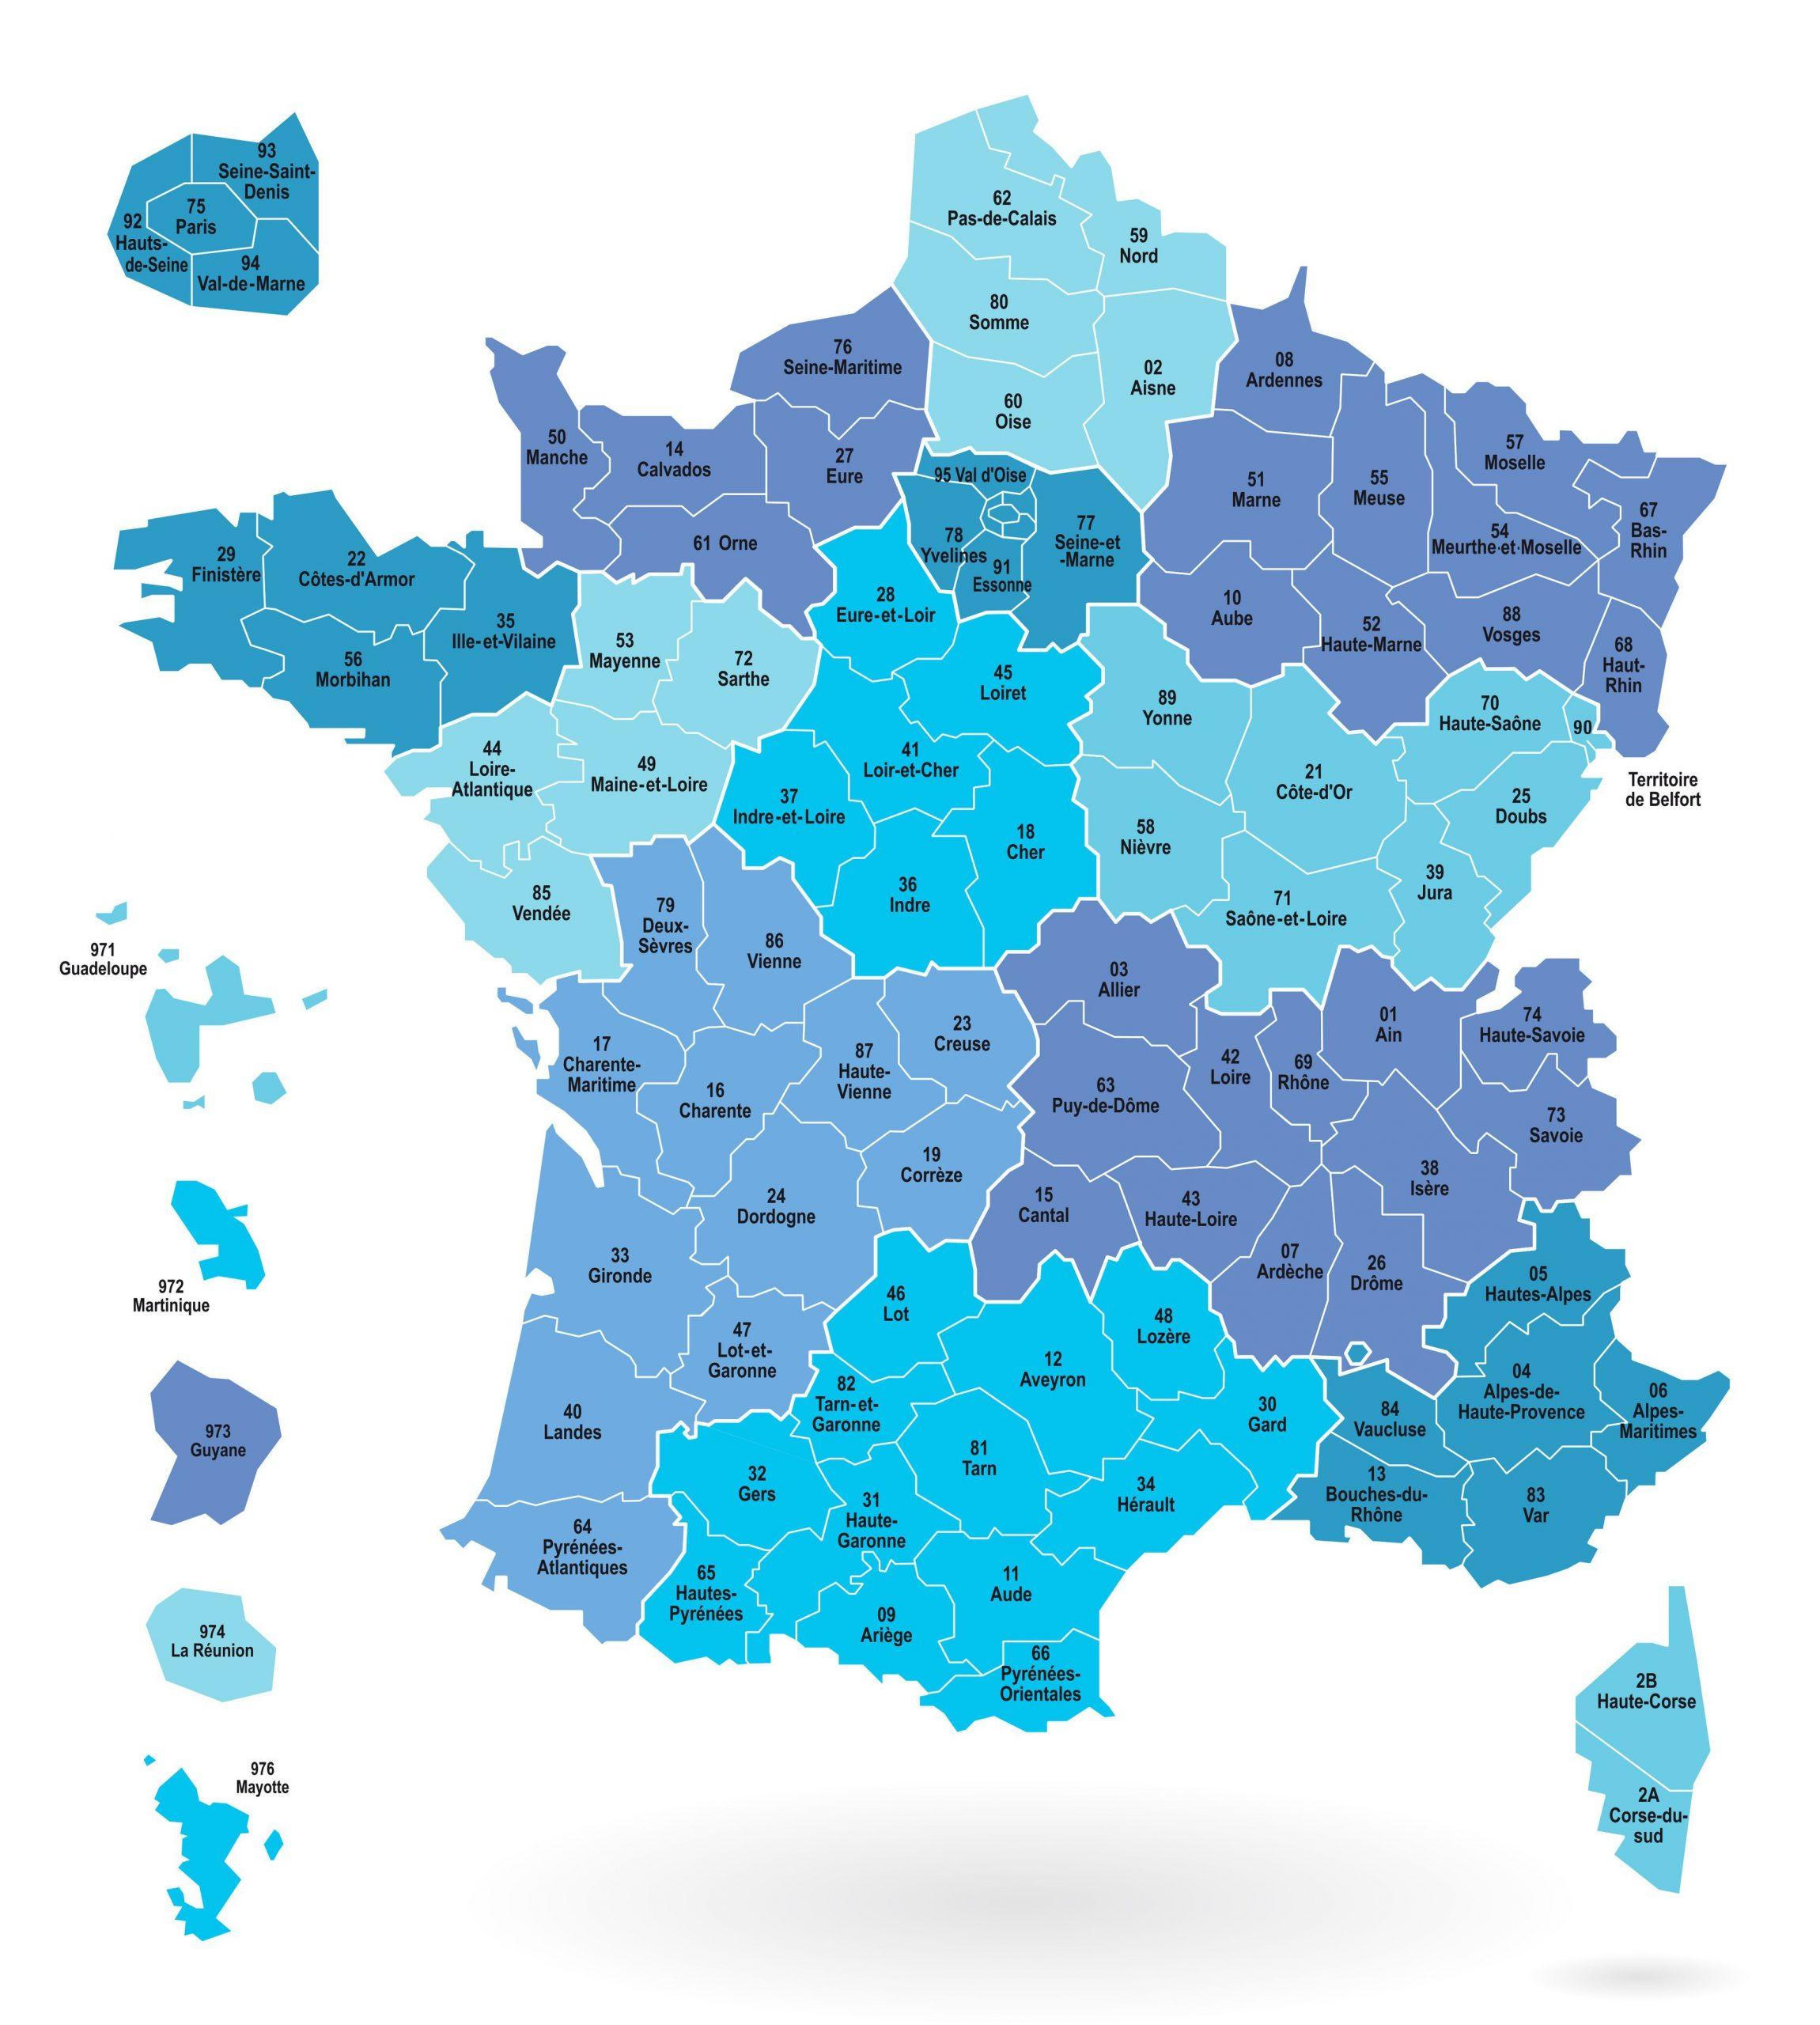 Cartes Des Départements Et Régions De La France - Cartes De concernant Image Carte De France Avec Departement